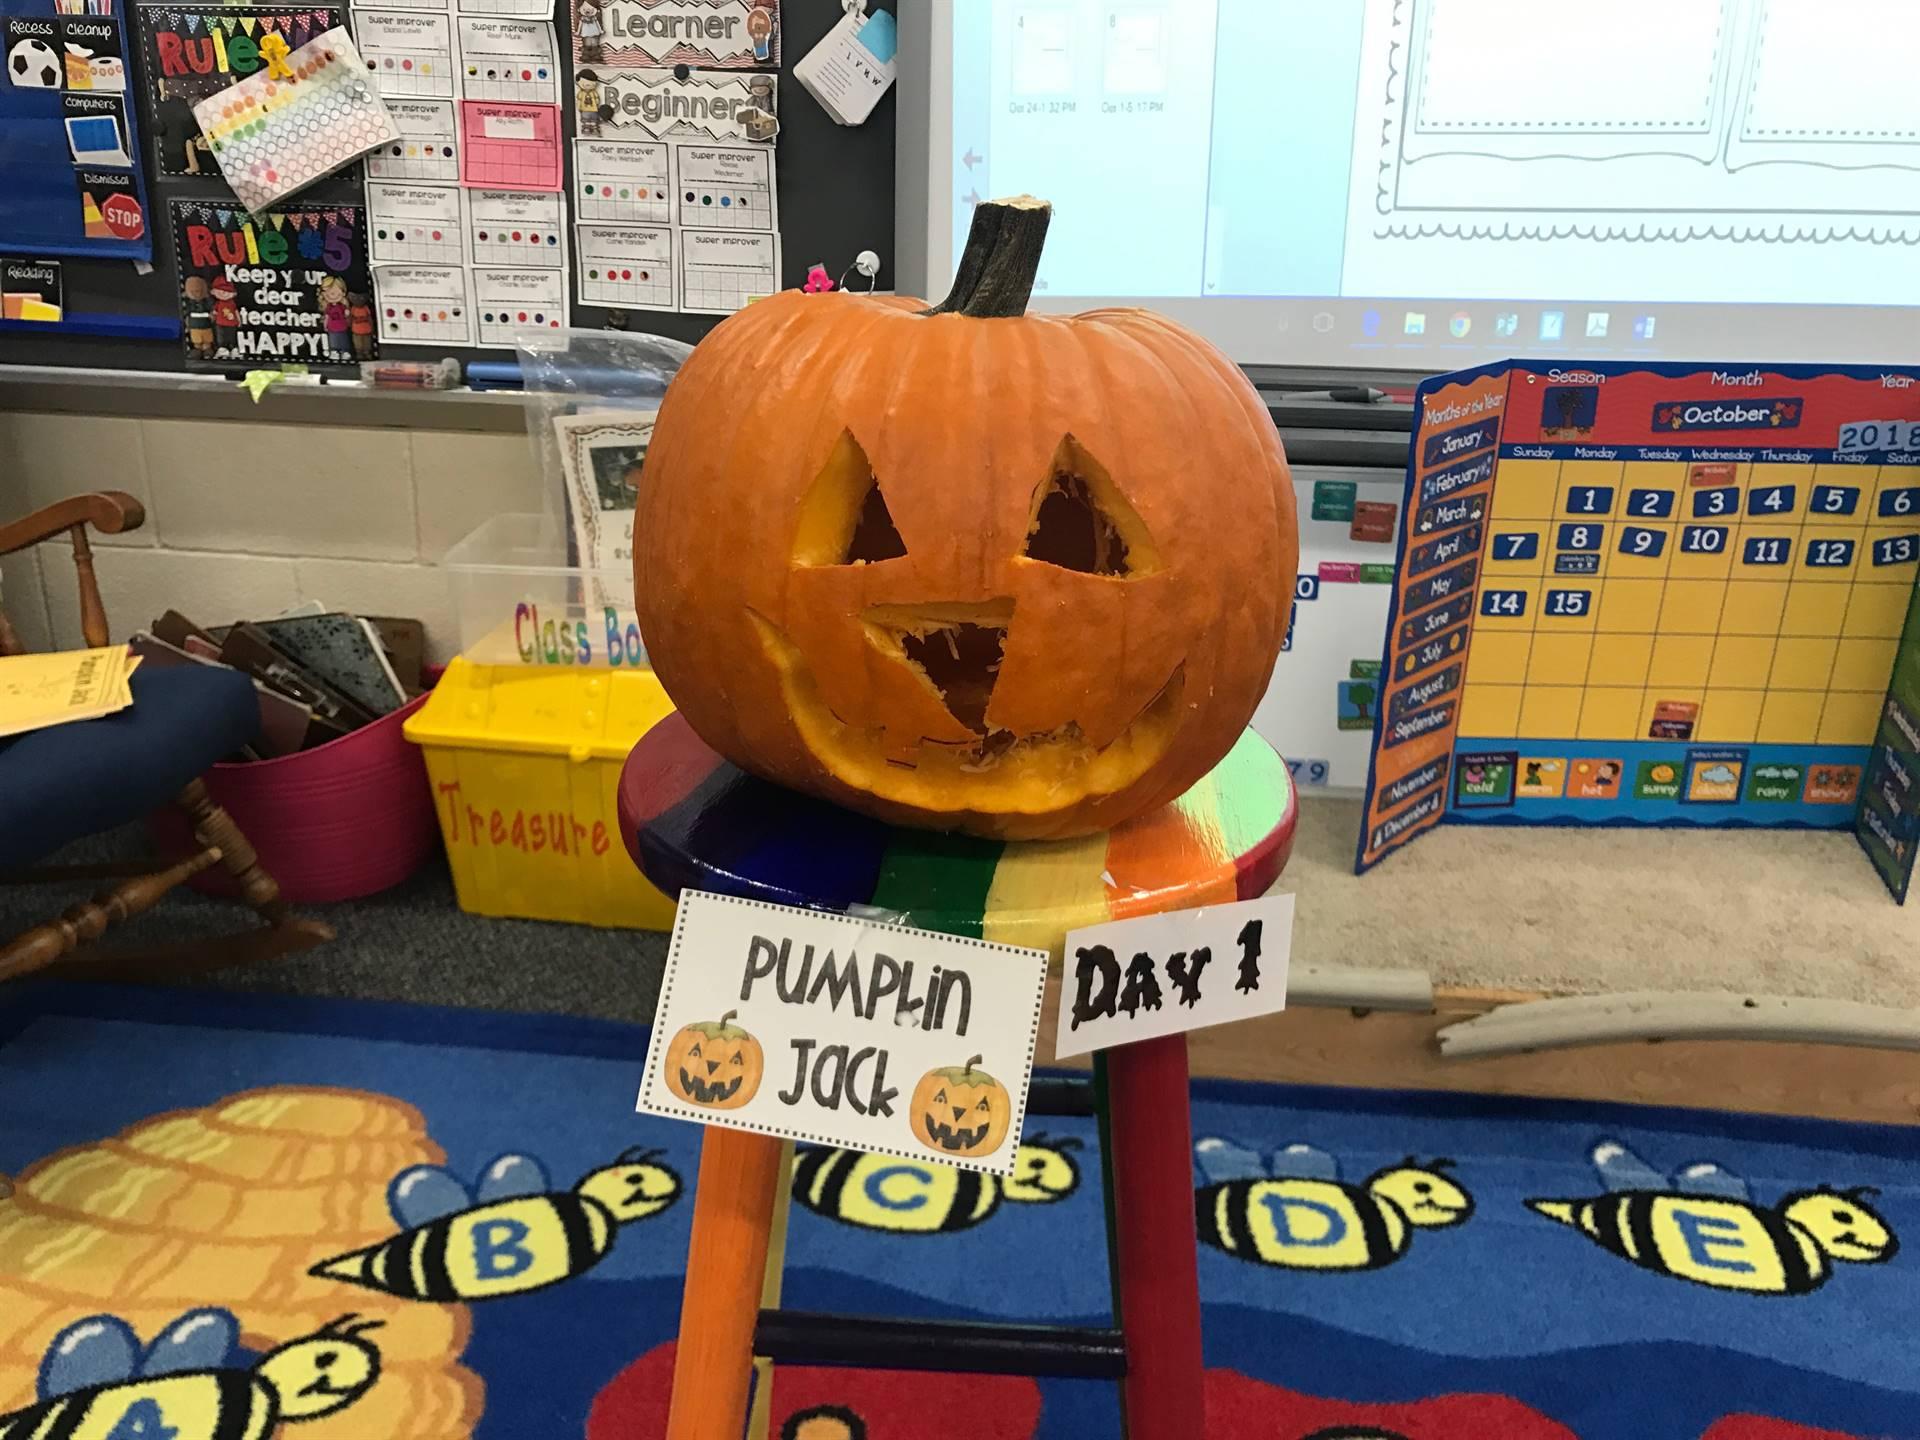 Pumpkin Jack Day 1